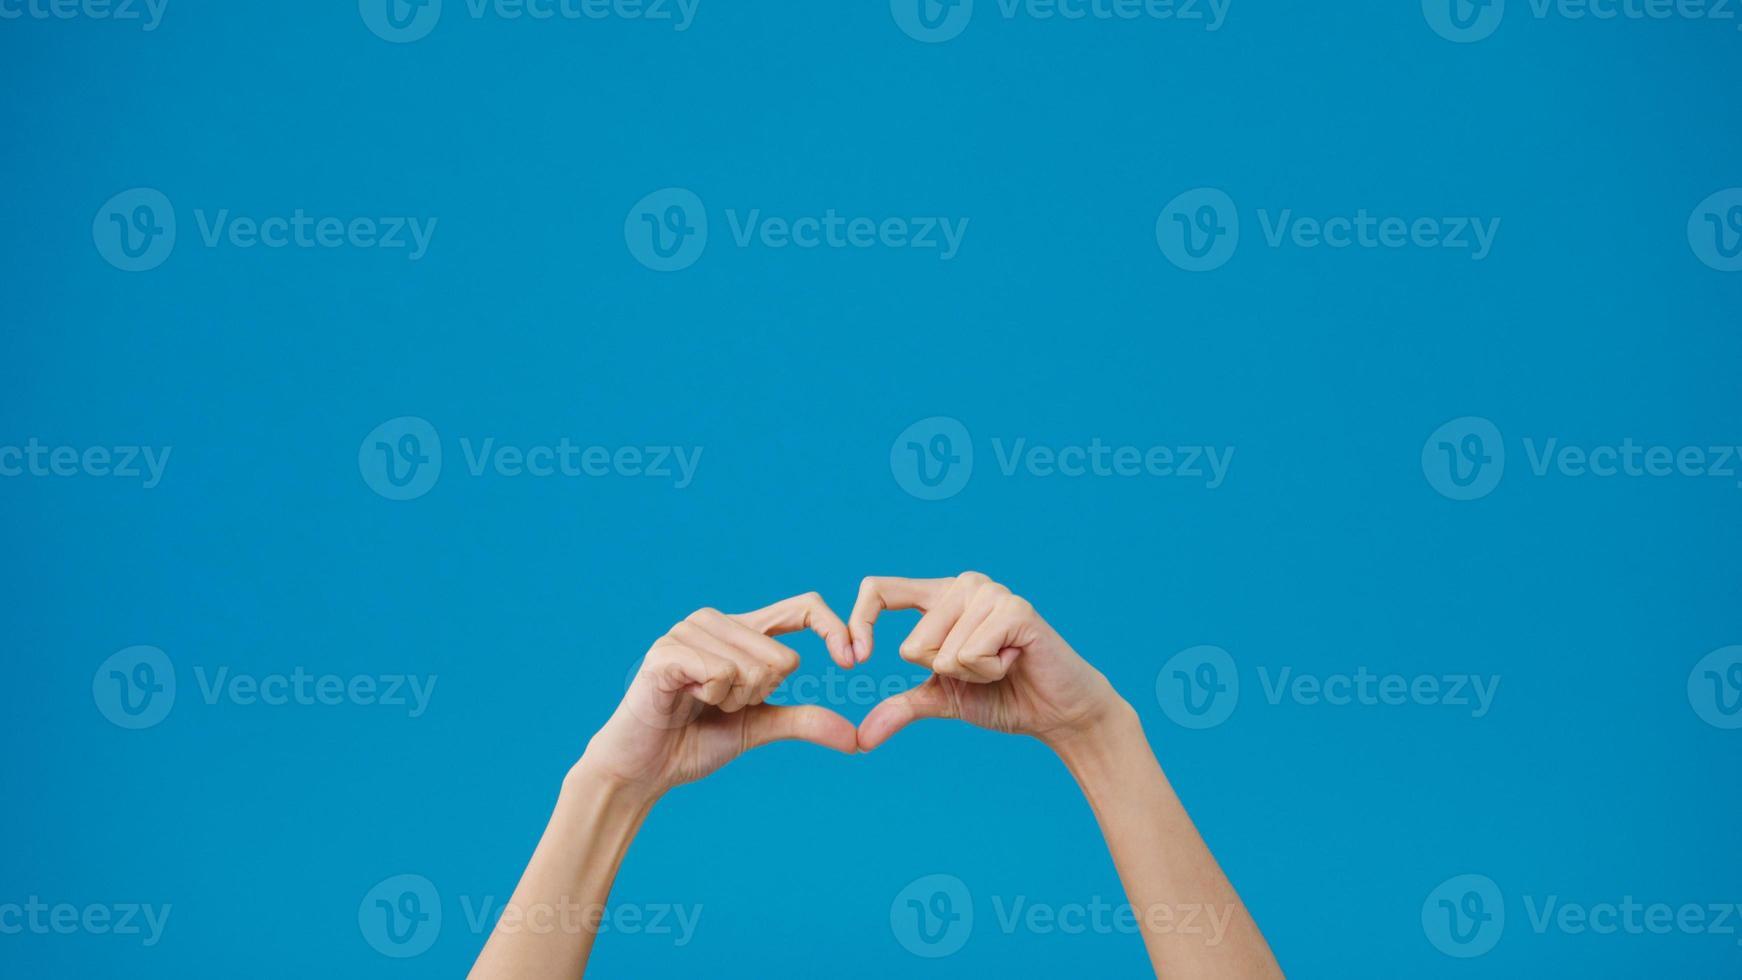 de hand van de jonge vrouw toont het maken van de vorm van een hart dat liefde naar haar minnaar stuurt over een blauwe achtergrond. kopieer ruimte voor het plaatsen van een tekst, bericht voor reclame. advertentiegebied, mockup promotionele inhoud. foto